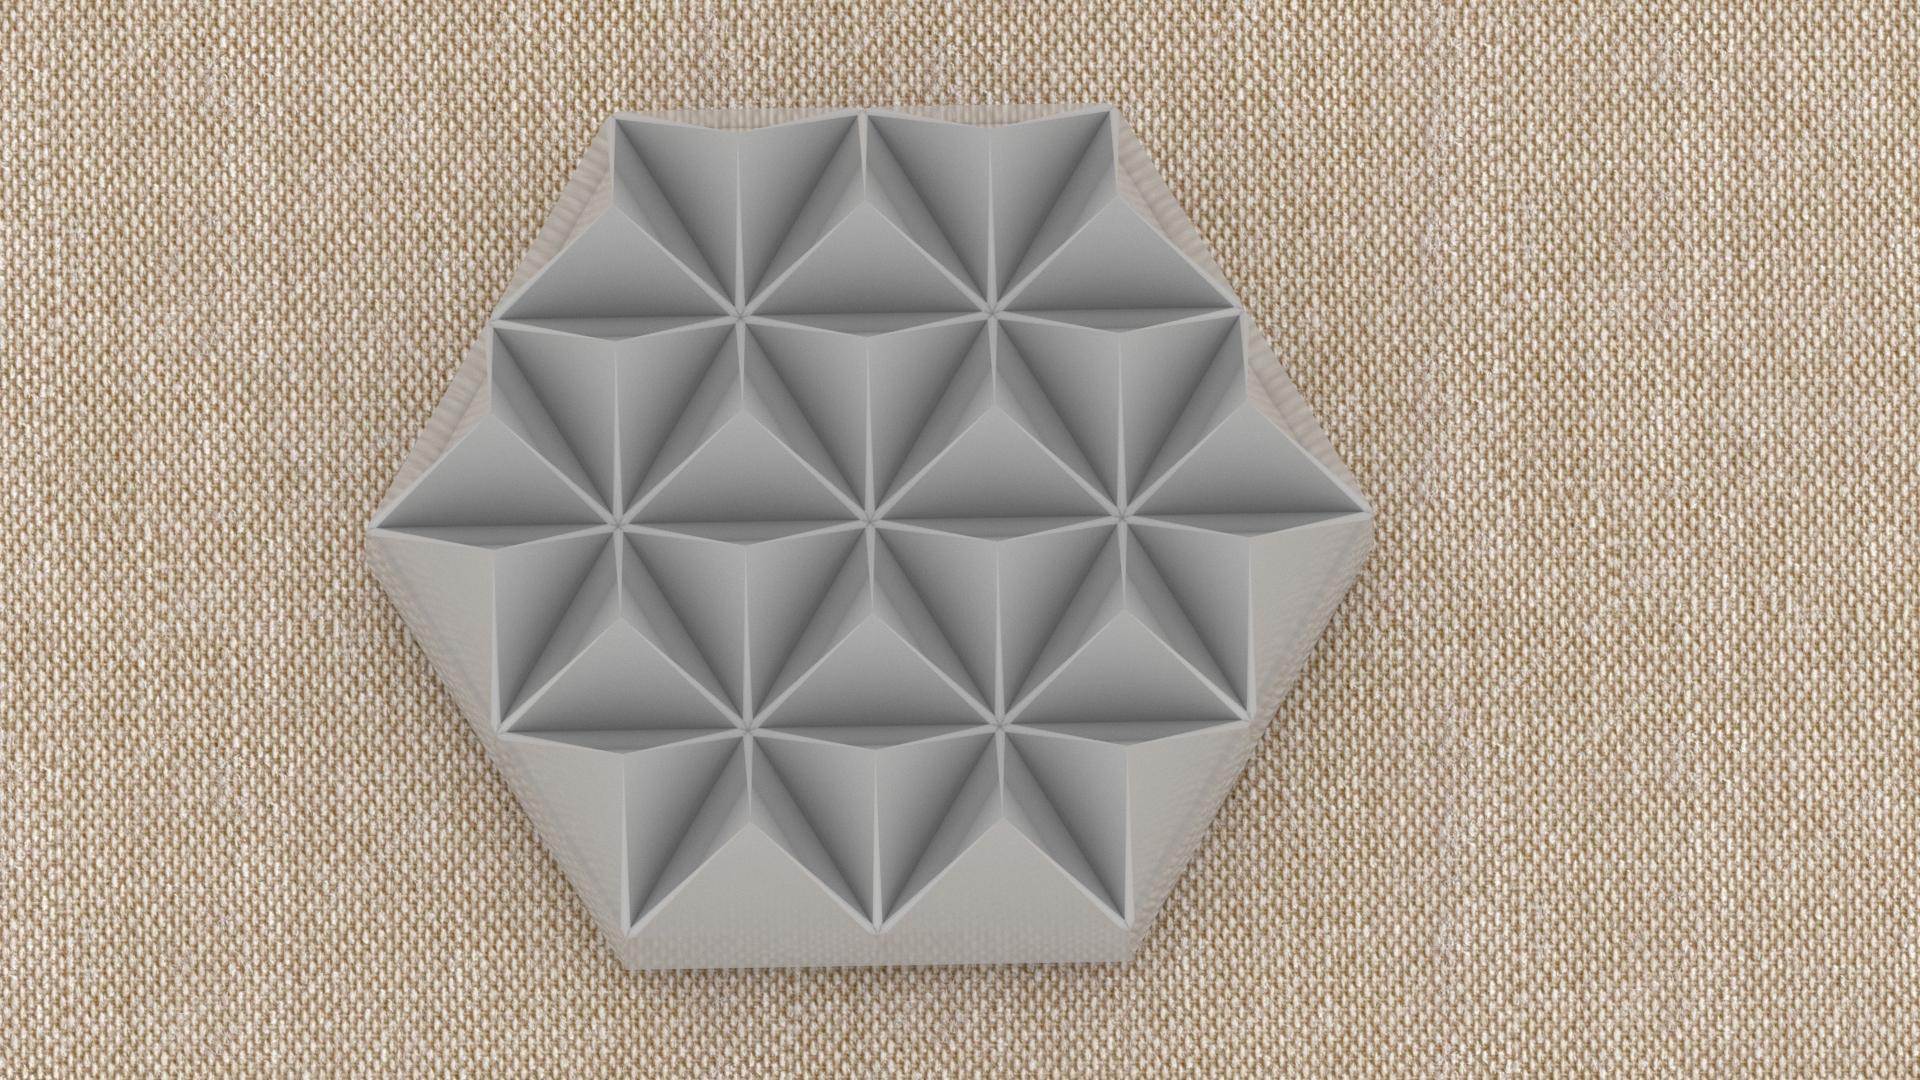 Сделать 3D модель массажного элемента формат STP/UG фото f_8785d28c9cd04729.jpg